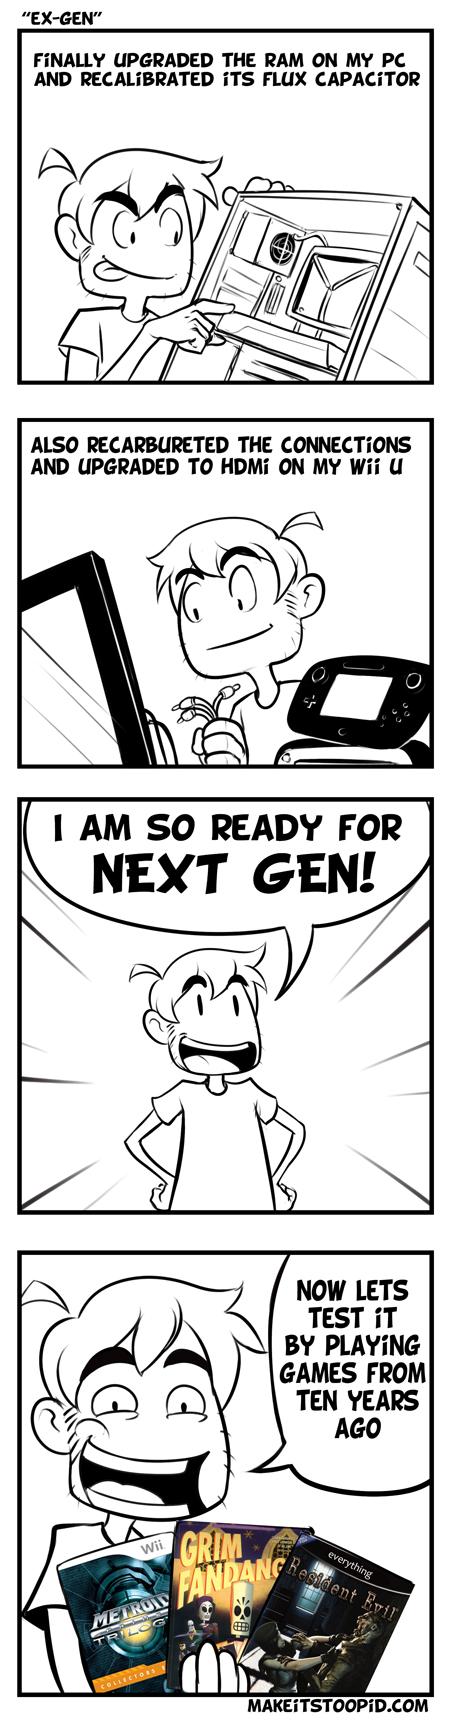 ex-gen by IZRA